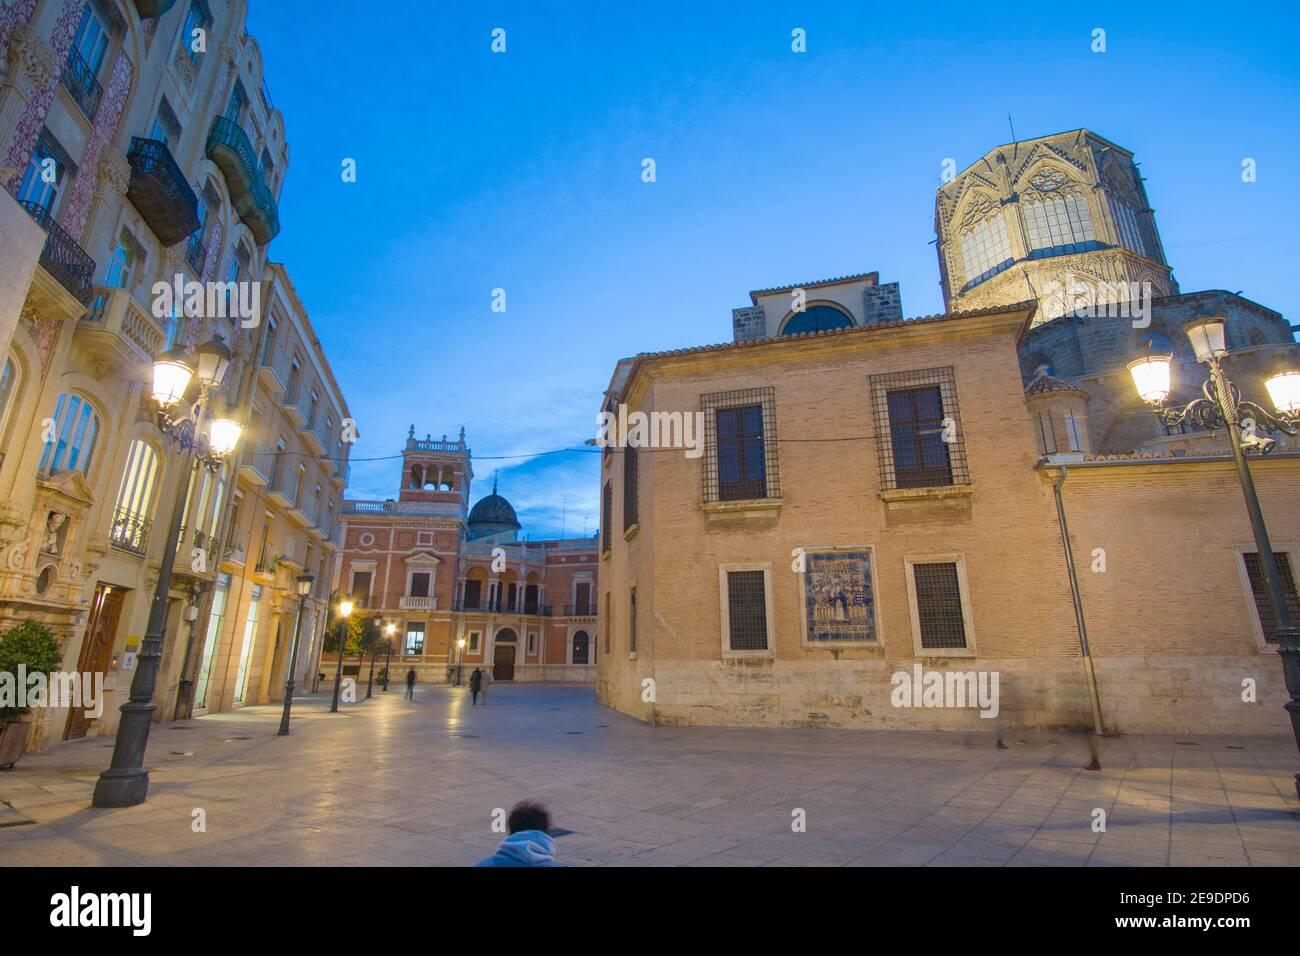 Valencia España el 10 de diciembre de 2020: Noche en Navidad la catedral. Foto de stock